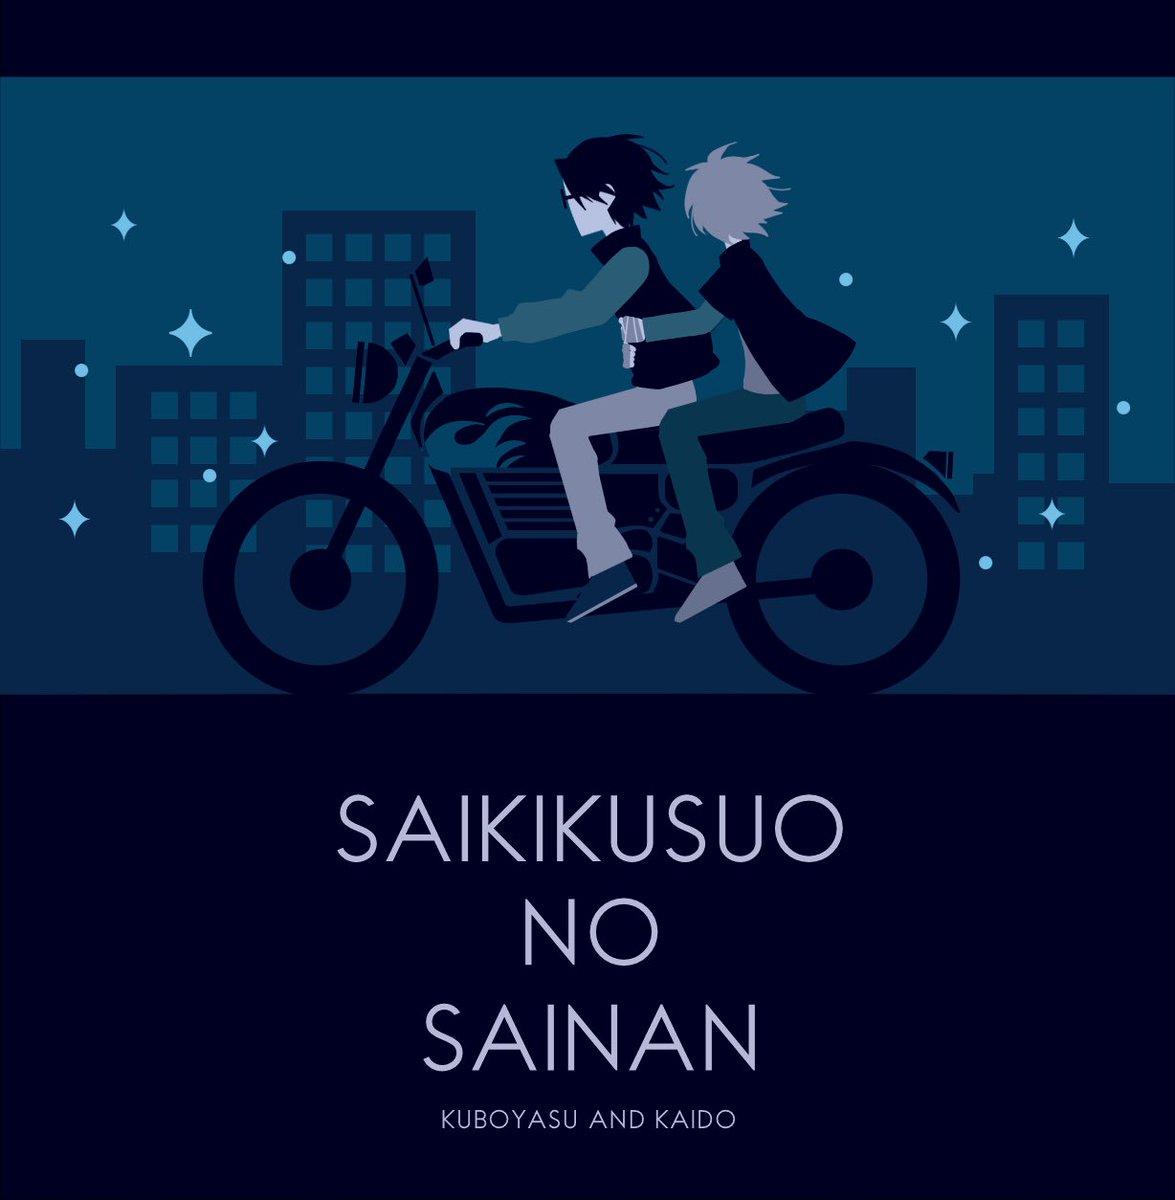 窪谷須が運転するバイクで色んなところに遊びに行ったのかなあ〜 #斉Ψ